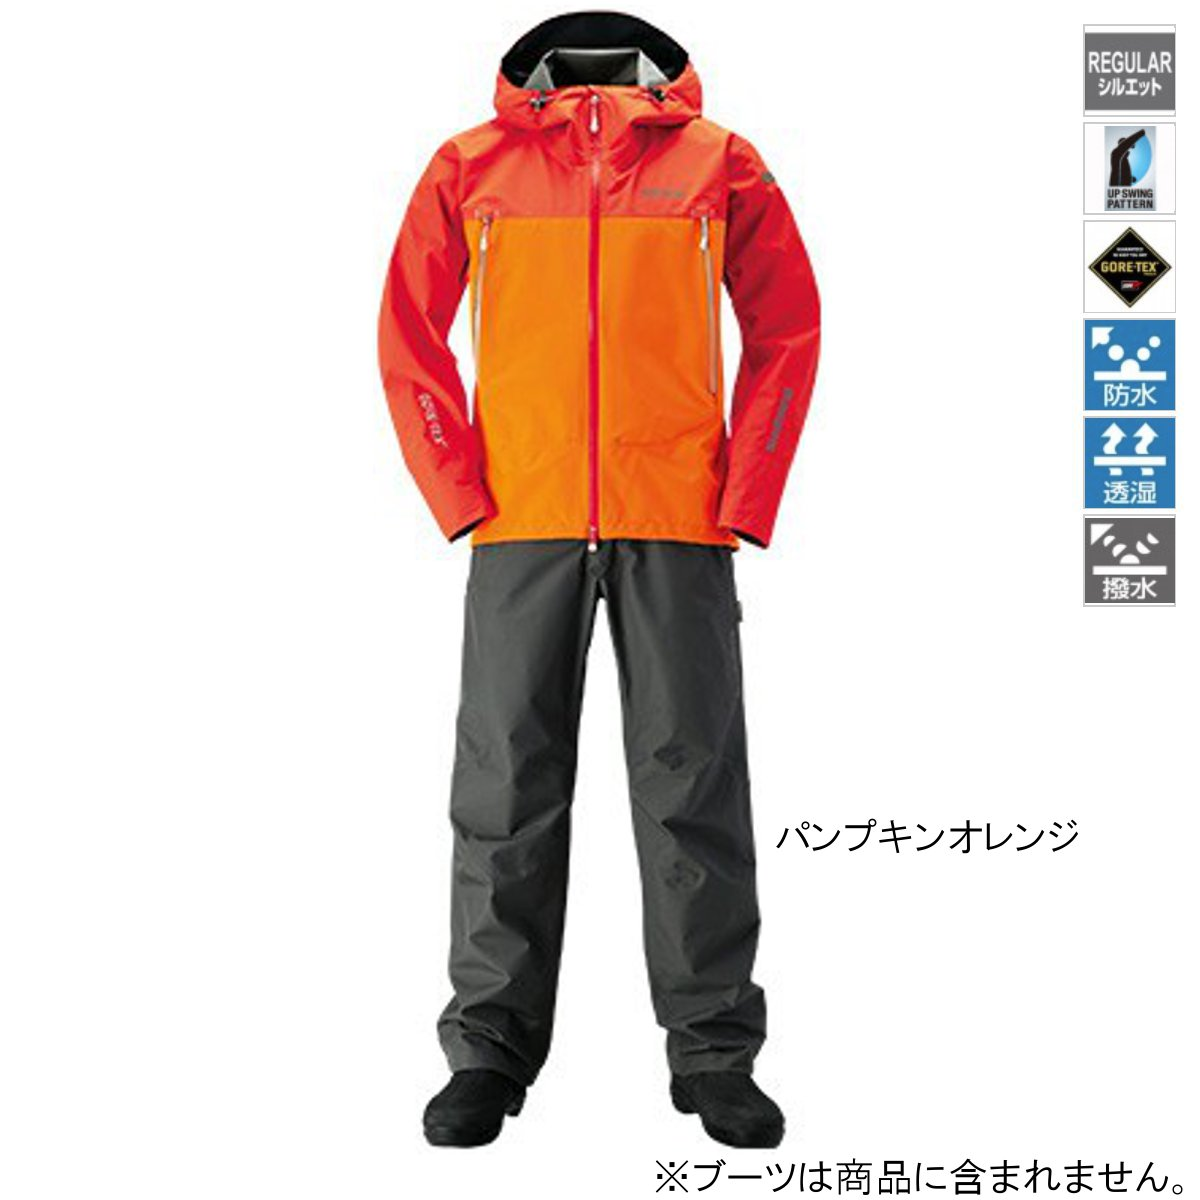 シマノ GORE-TEX ベーシックスーツ RA-017R L パンプキンオレンジ(東日本店)